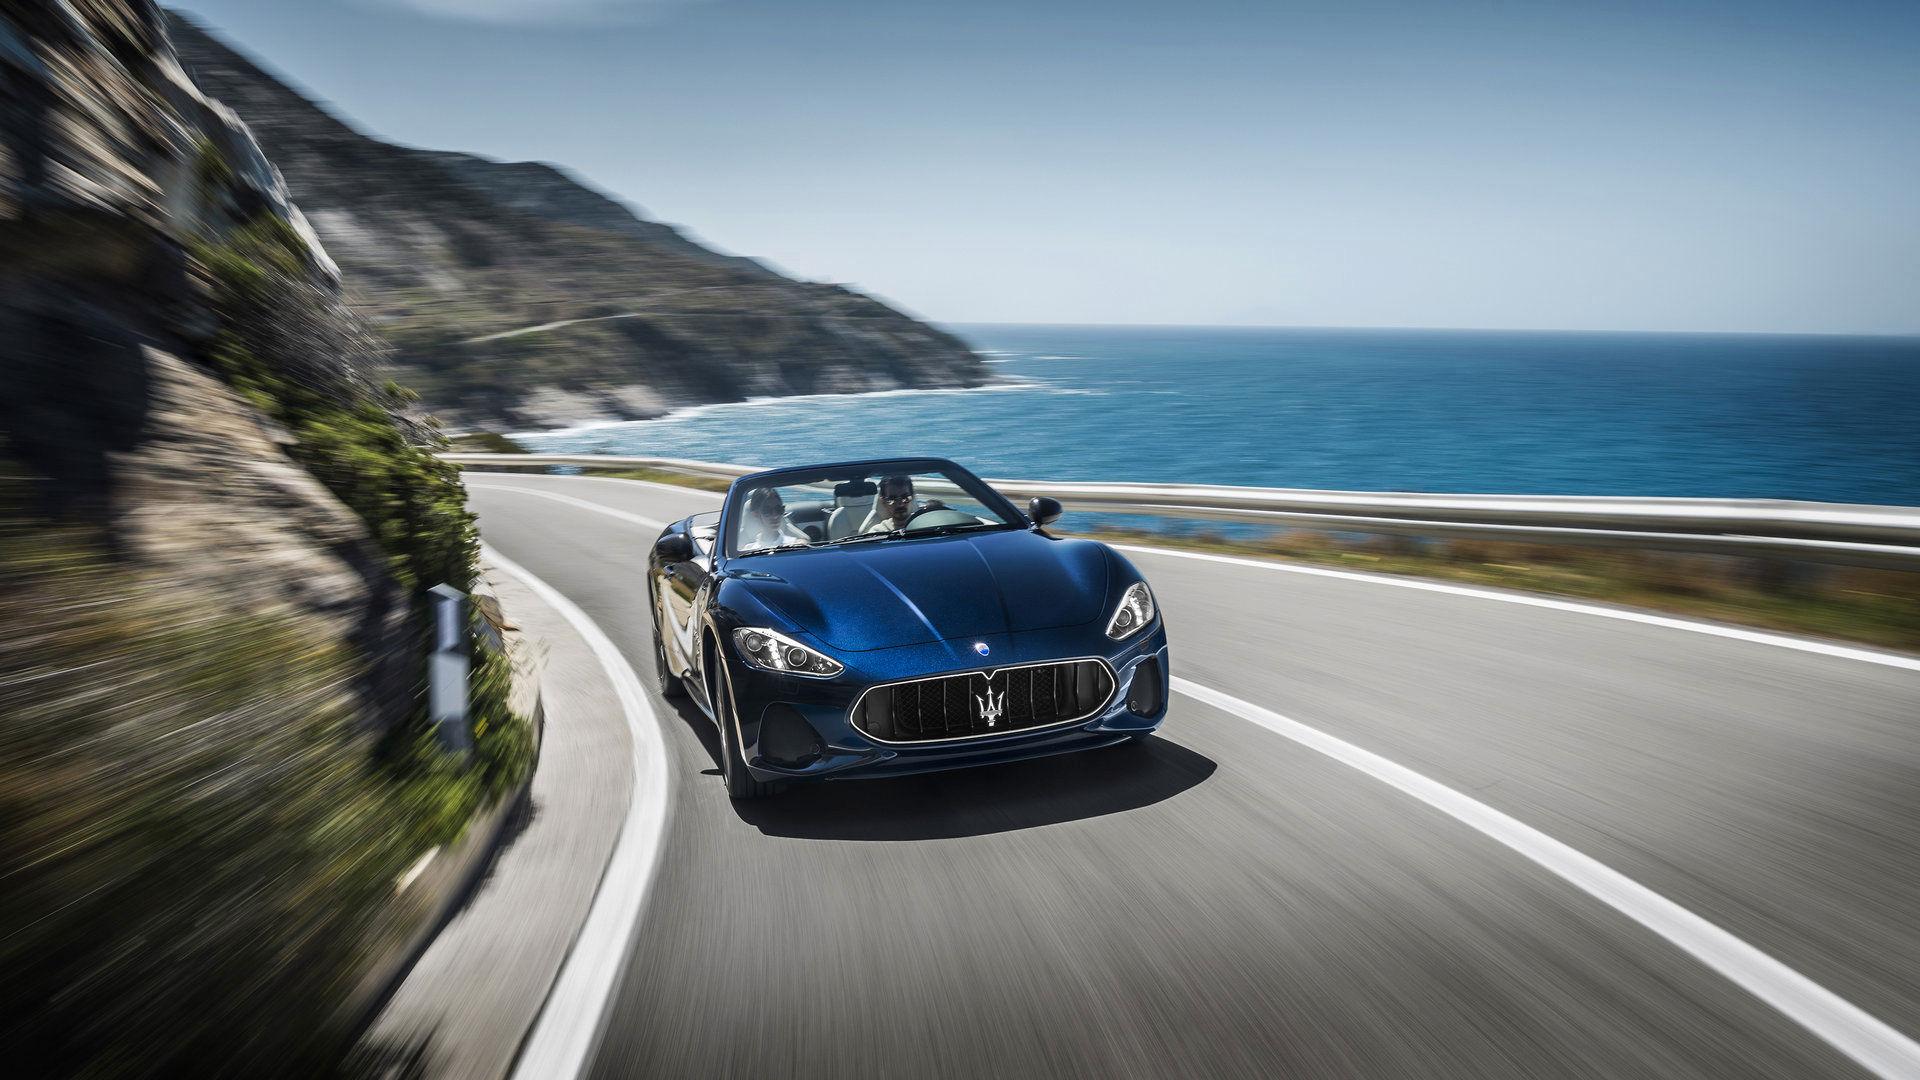 Maserati GranCabrio - in Fahrt - Landschaft am Meer